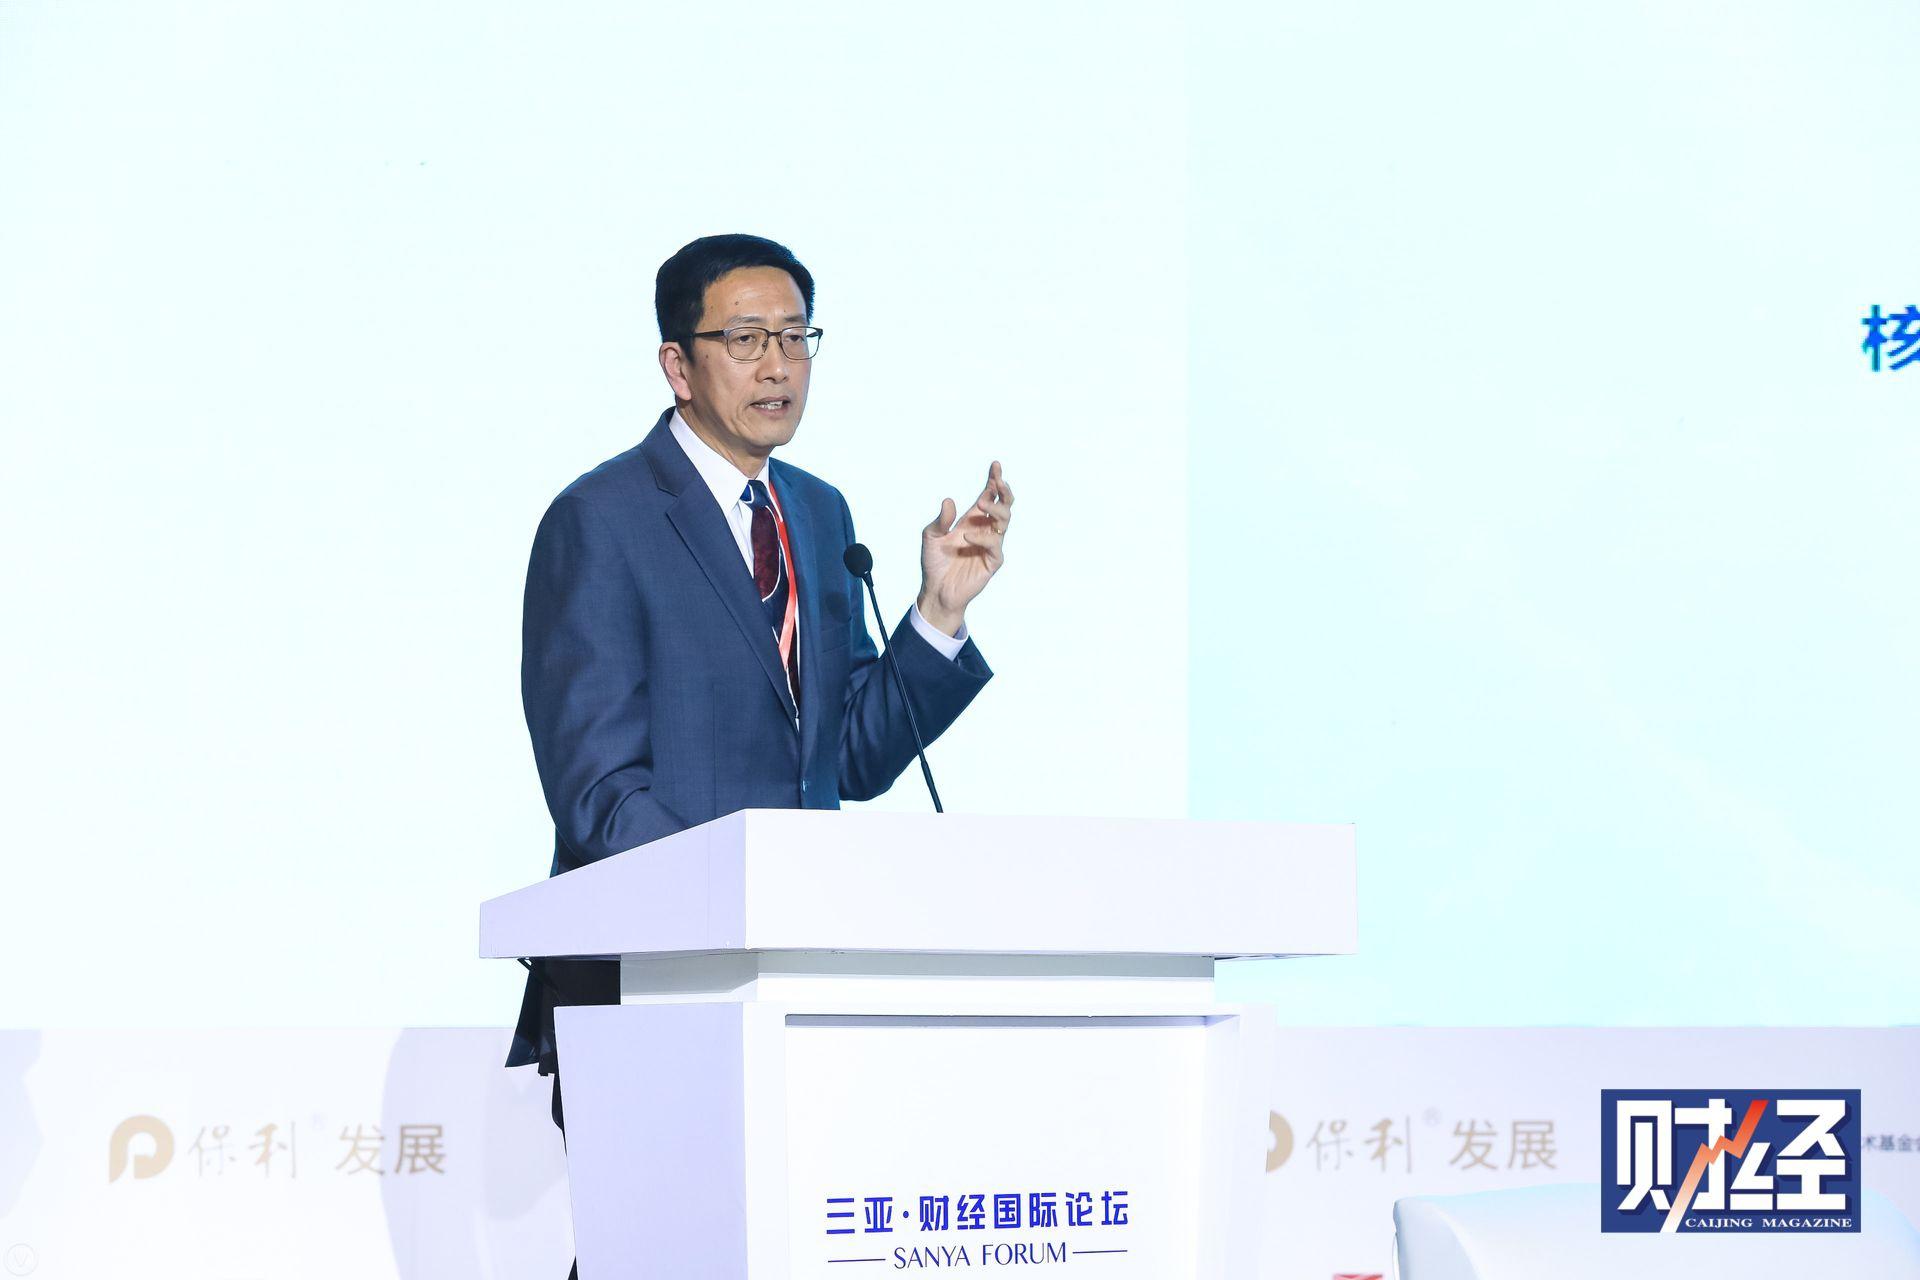 中国科学技术大学教授卢征天:氪-81同位素定年对探索地下水有积极作用